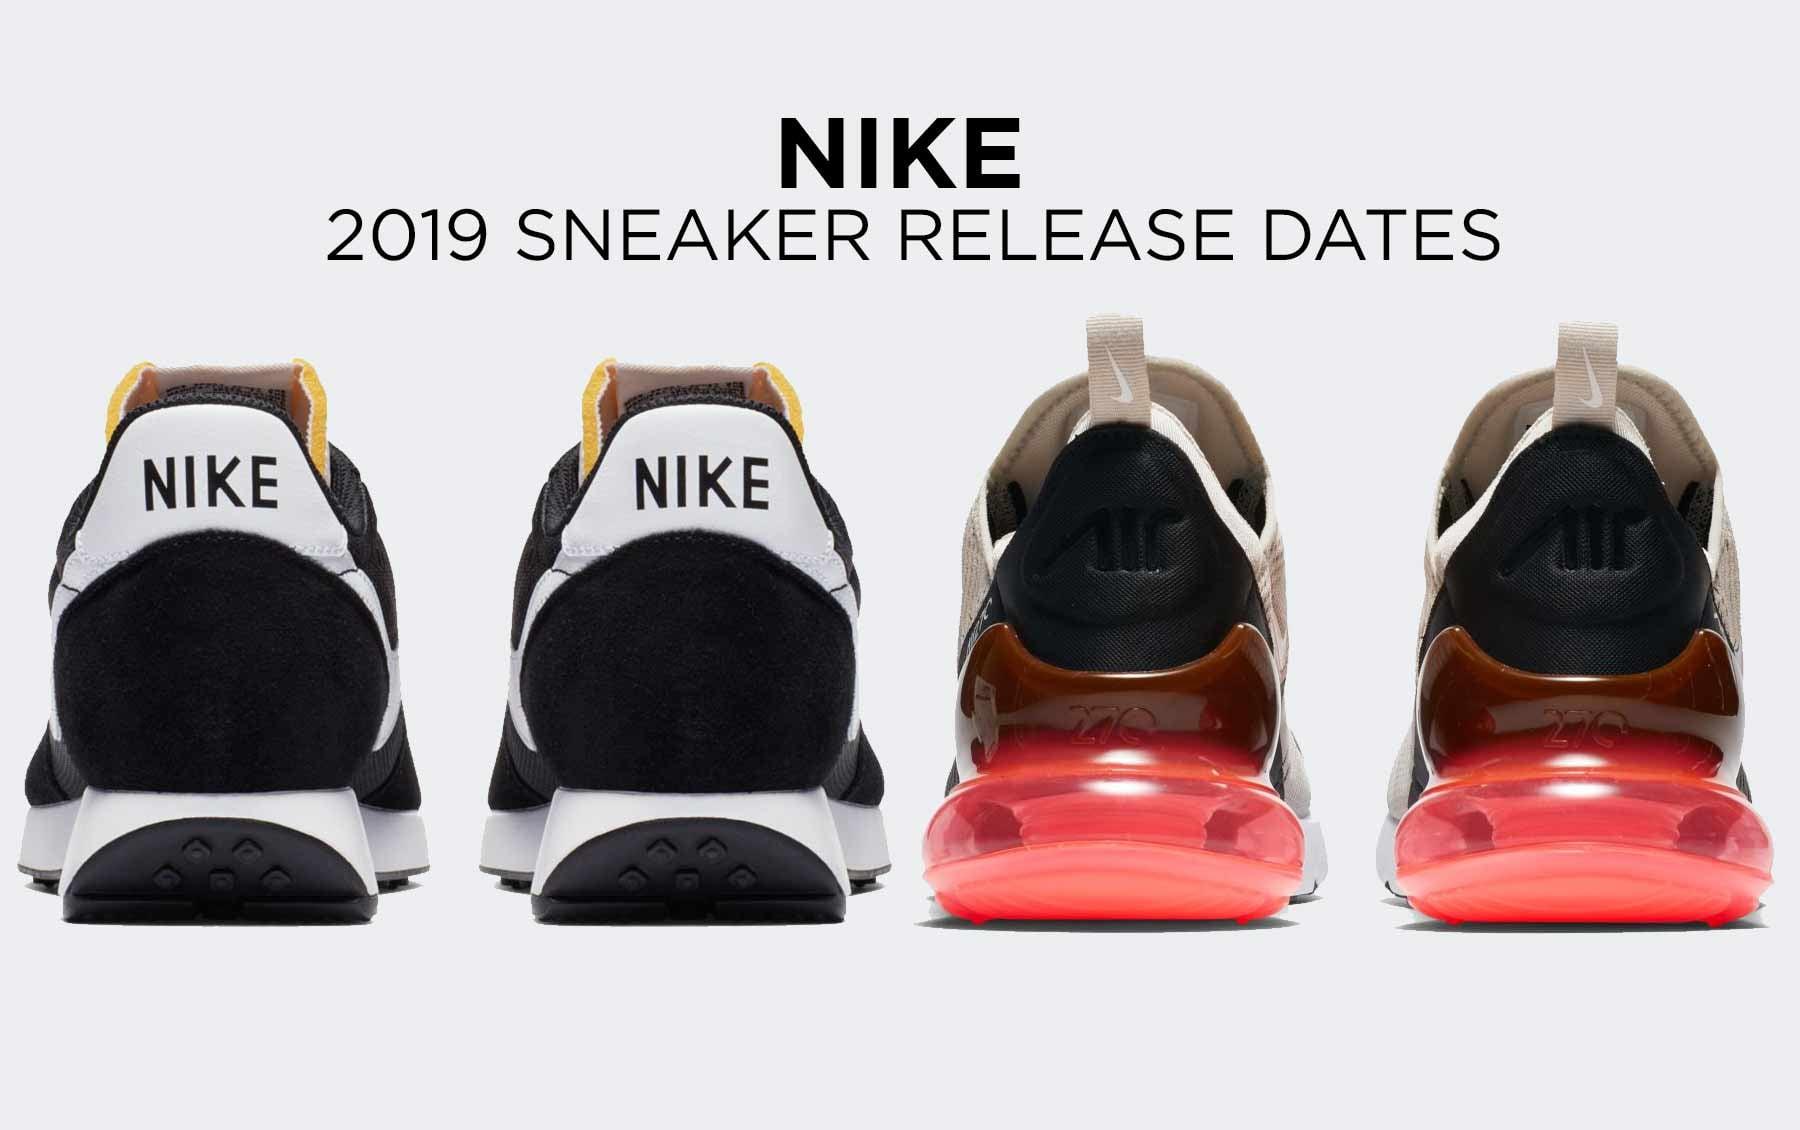 7bee9b2c1b95 Nike Sneaker Release Dates 2019